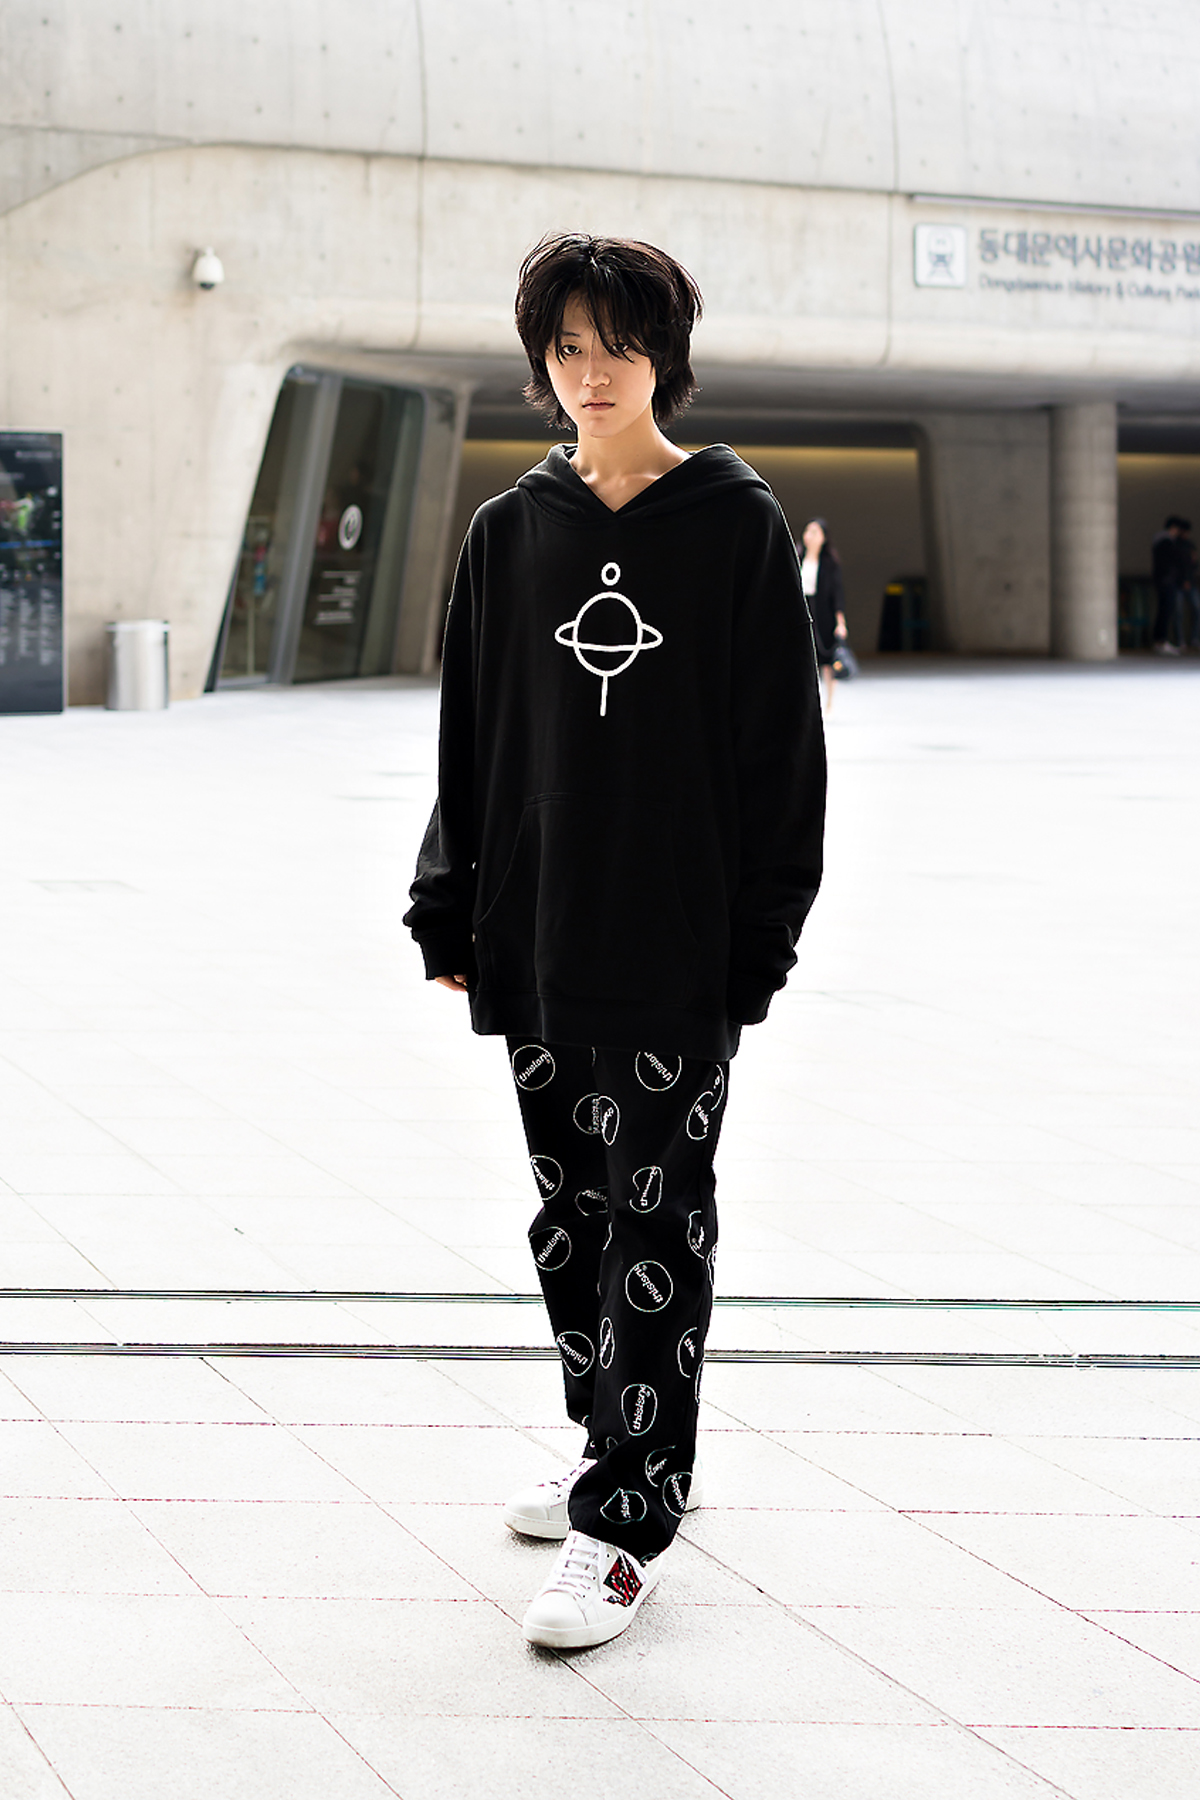 A Yiyowoo, SEOUL FASHION WEEK 2018 S:S.jpg